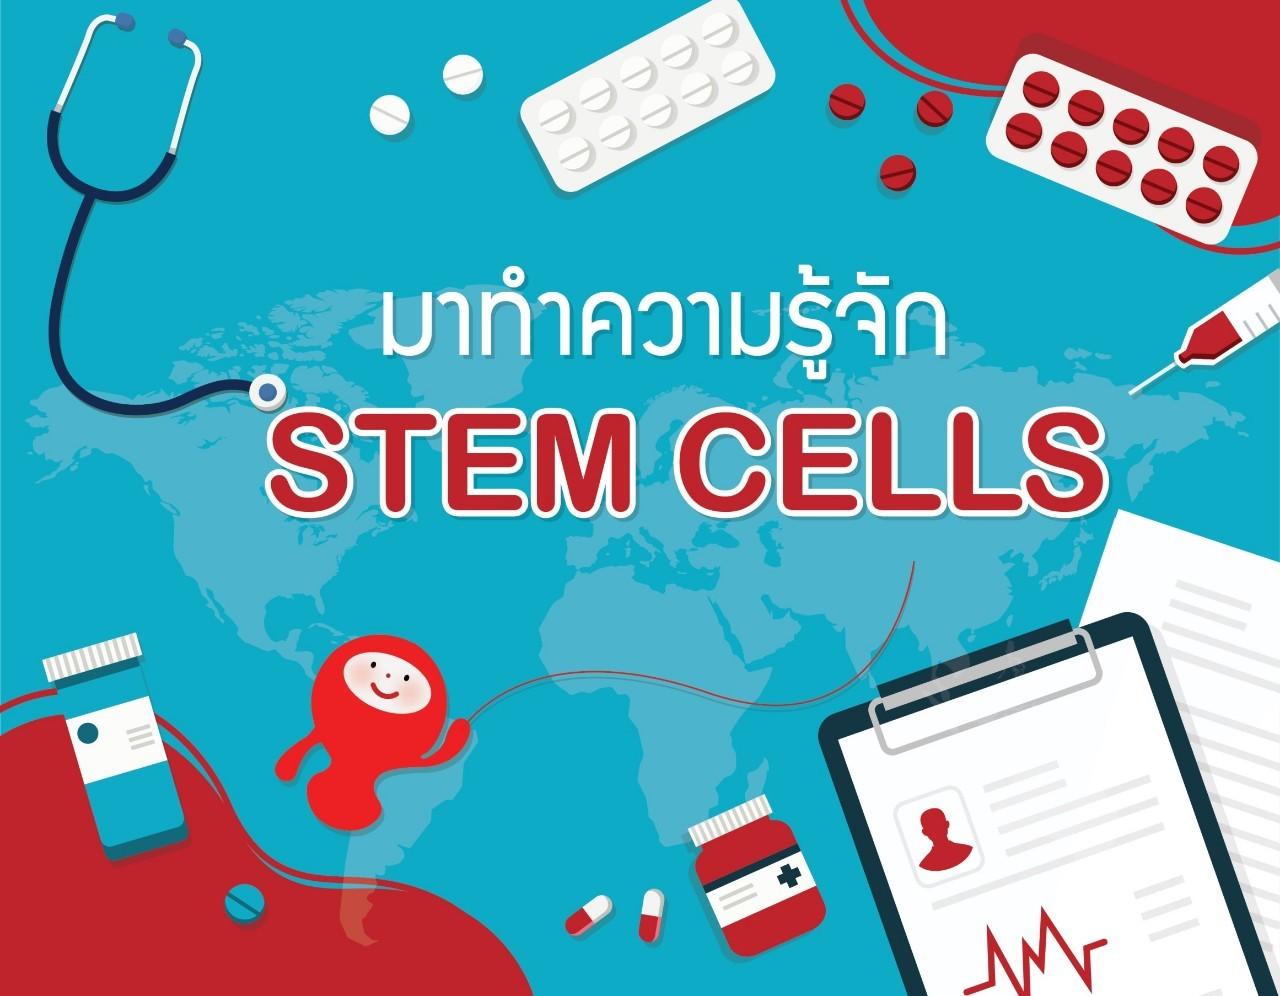 มาทำความรู้จัก STEM CELLS